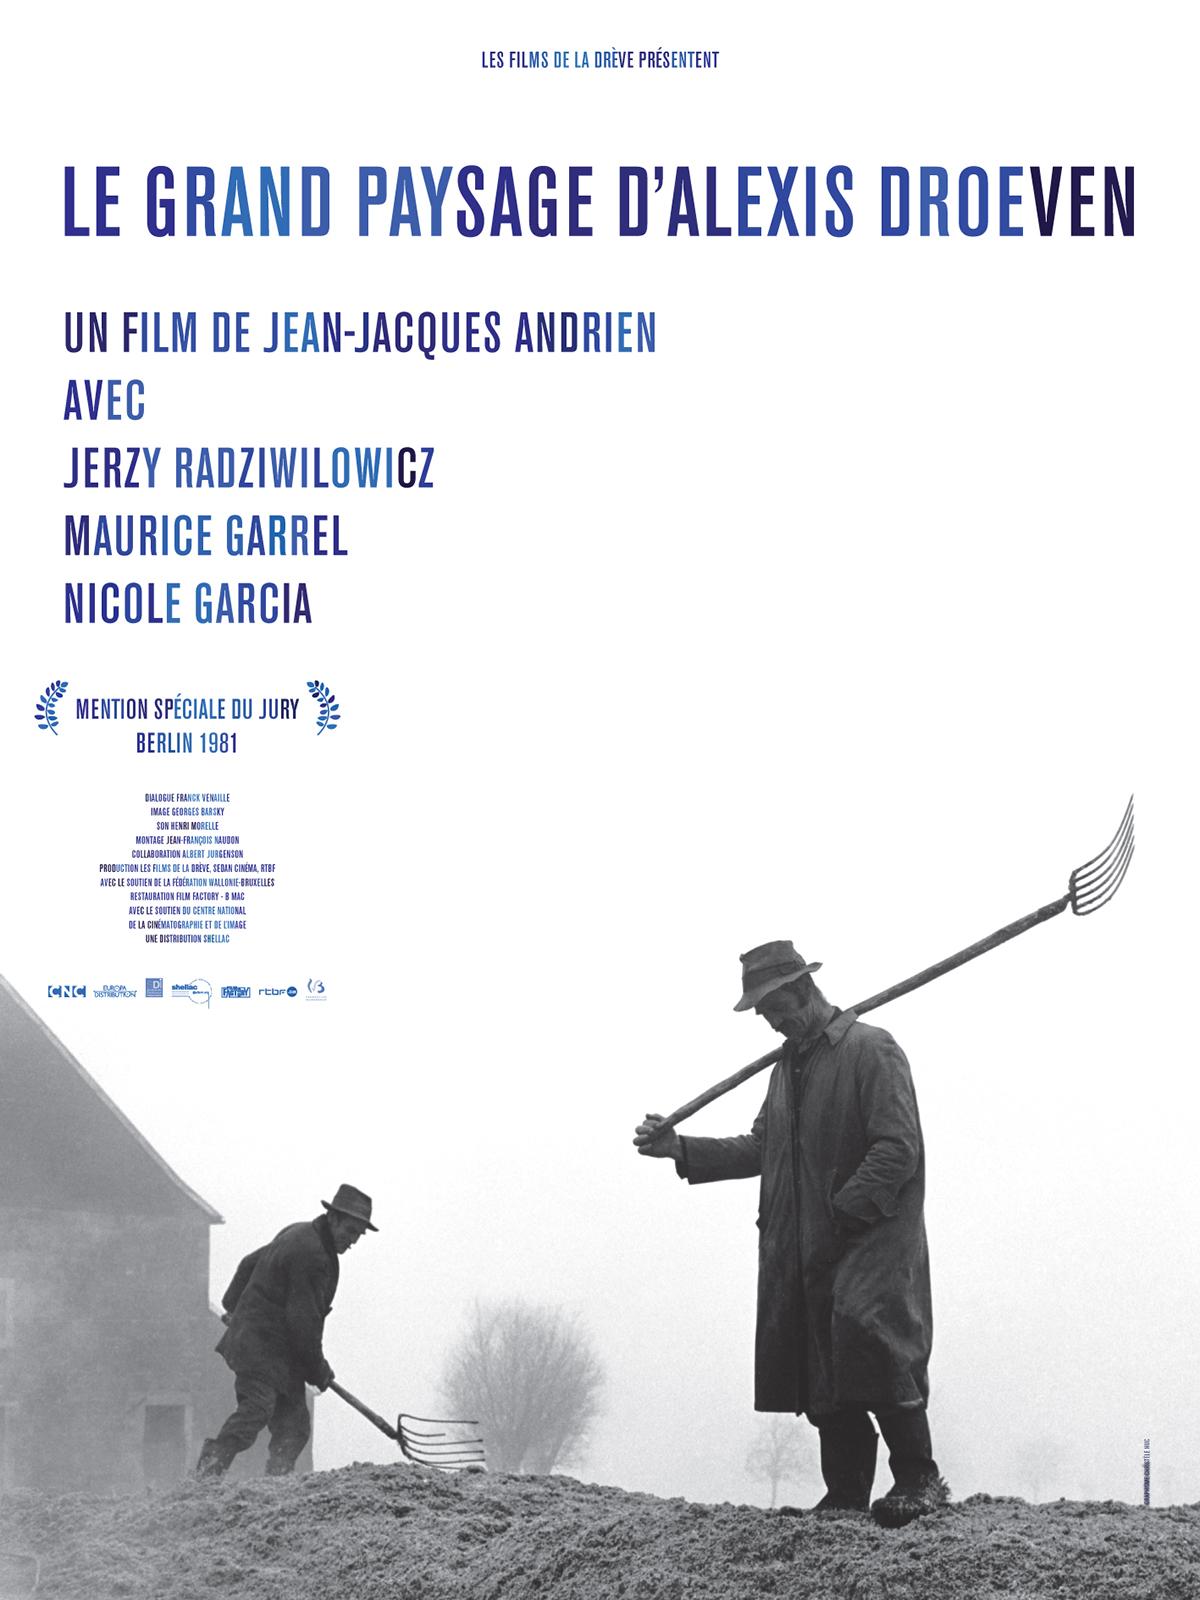 Télécharger Le Grand paysage d'Alexis Droeven Gratuit DVDRIP